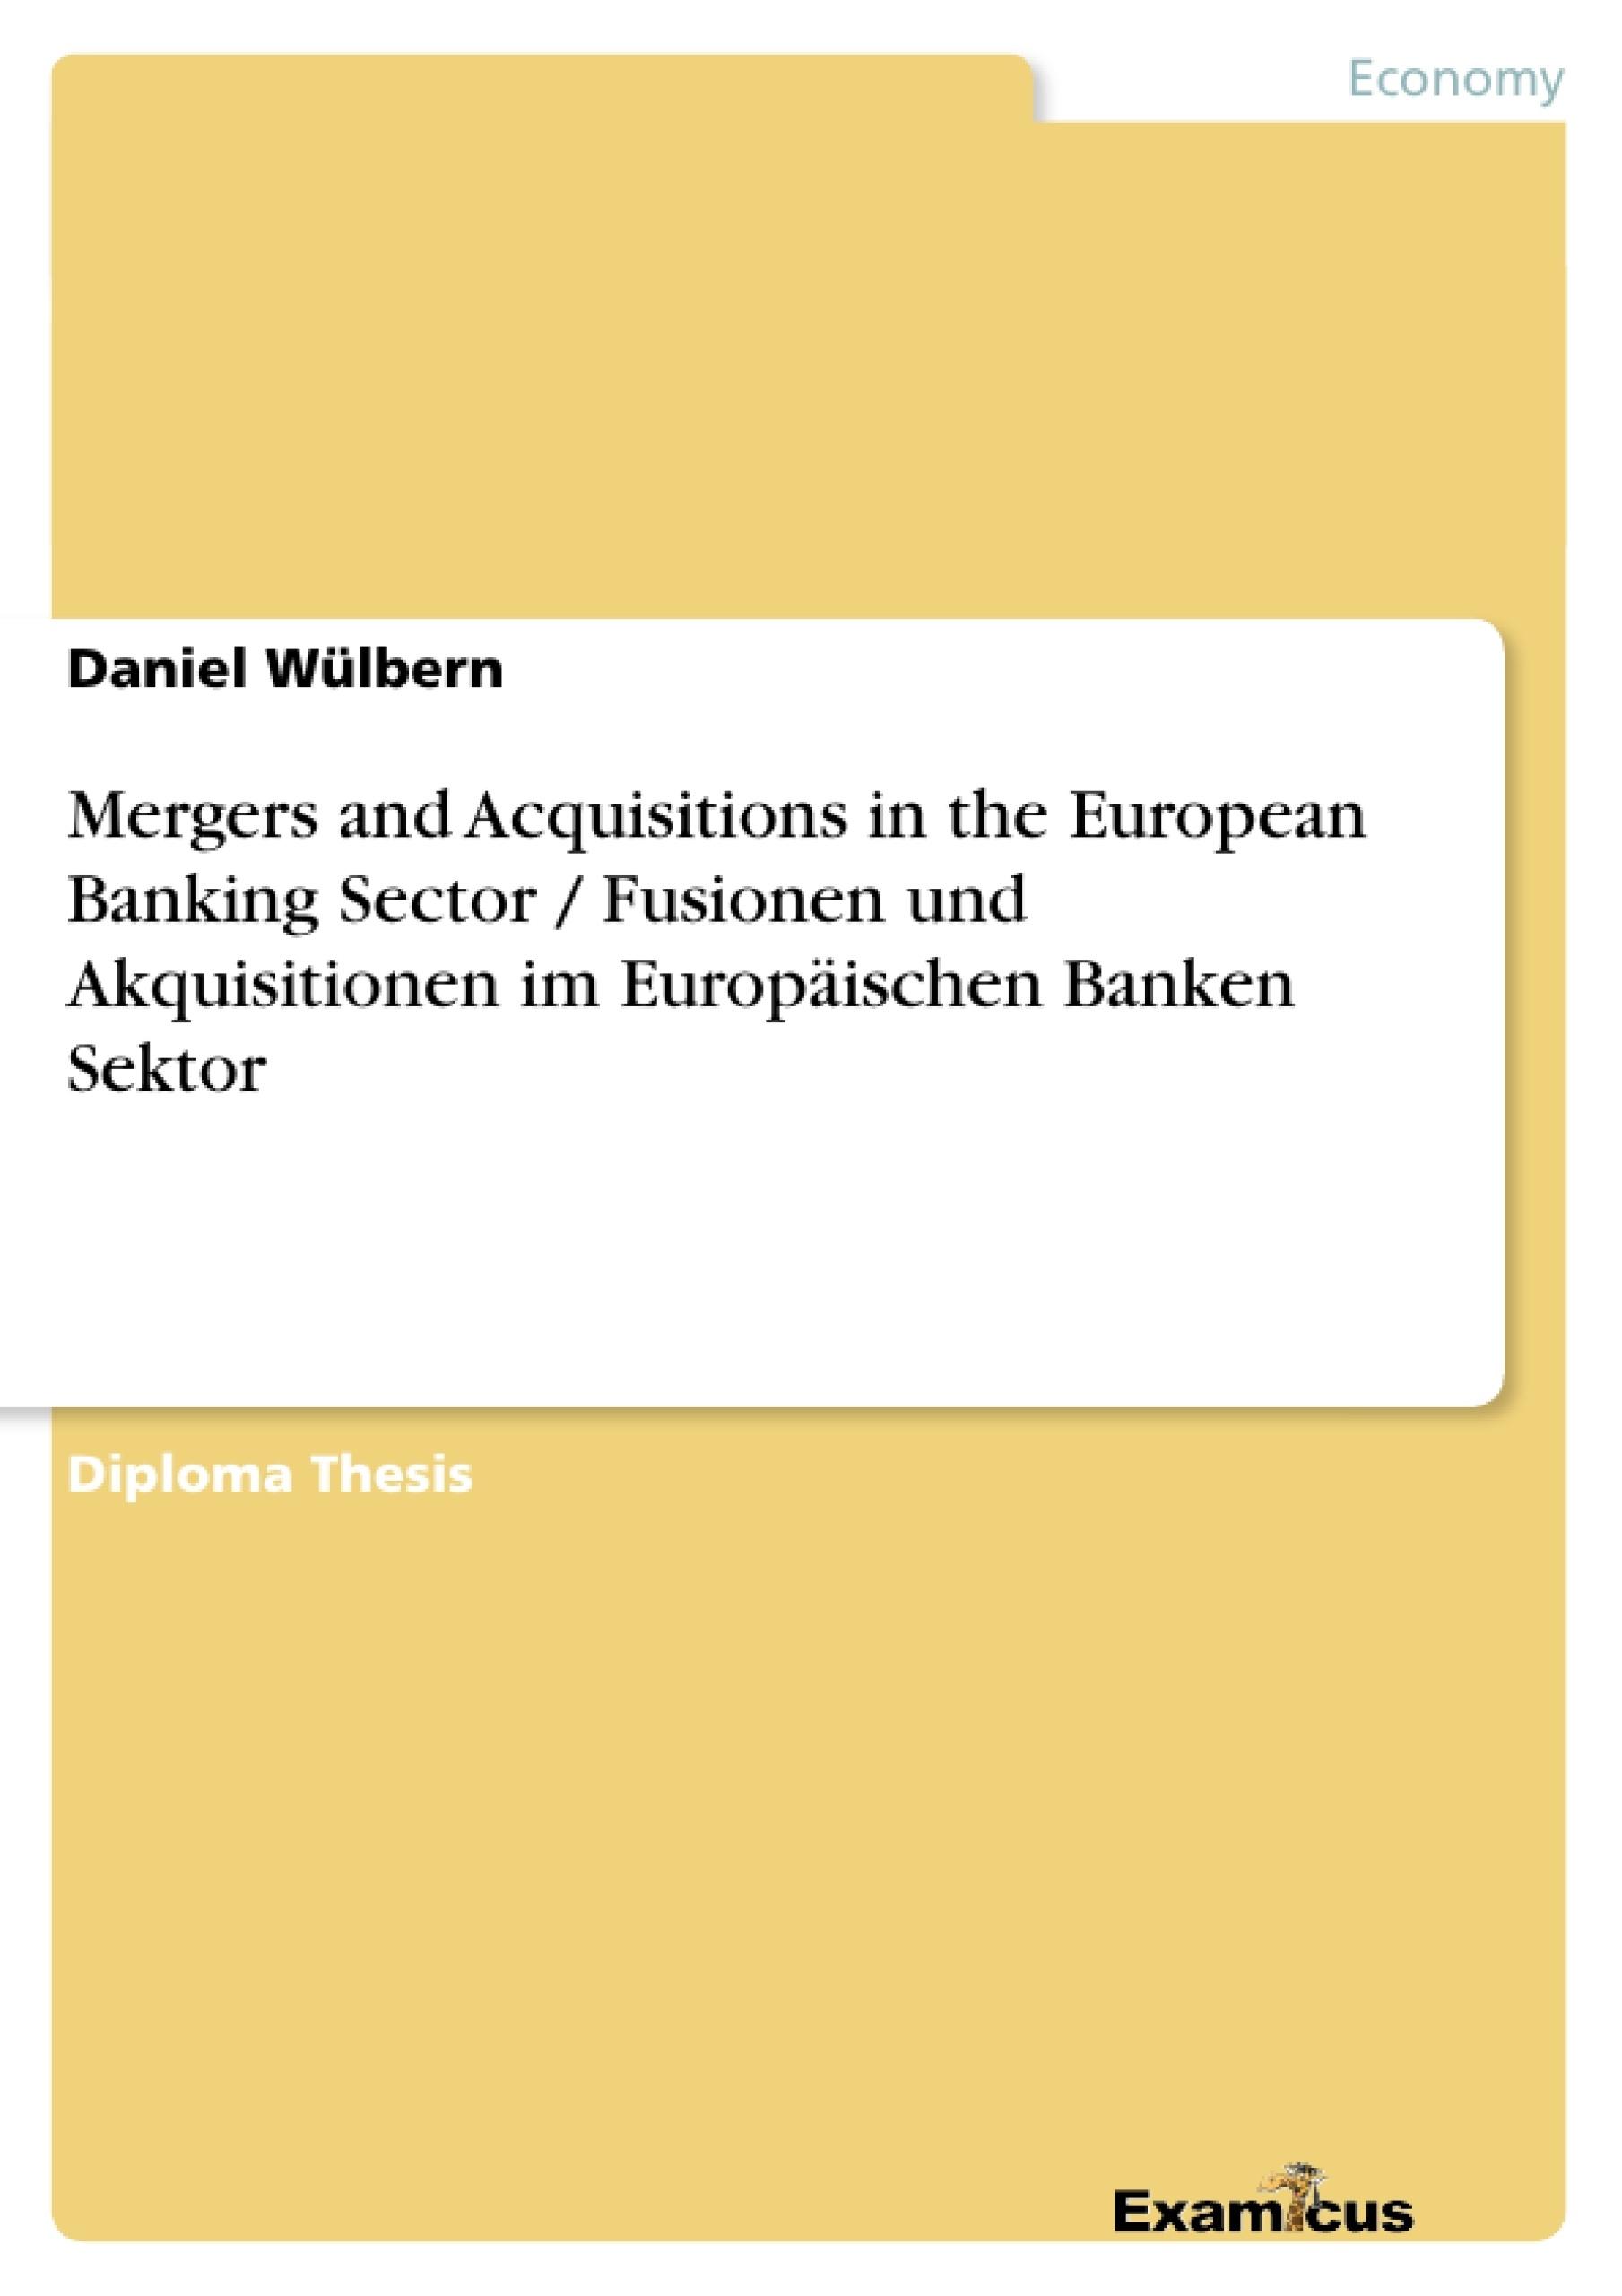 Title: Mergers and Acquisitions in the European Banking Sector / Fusionen und Akquisitionen im Europäischen Banken Sektor